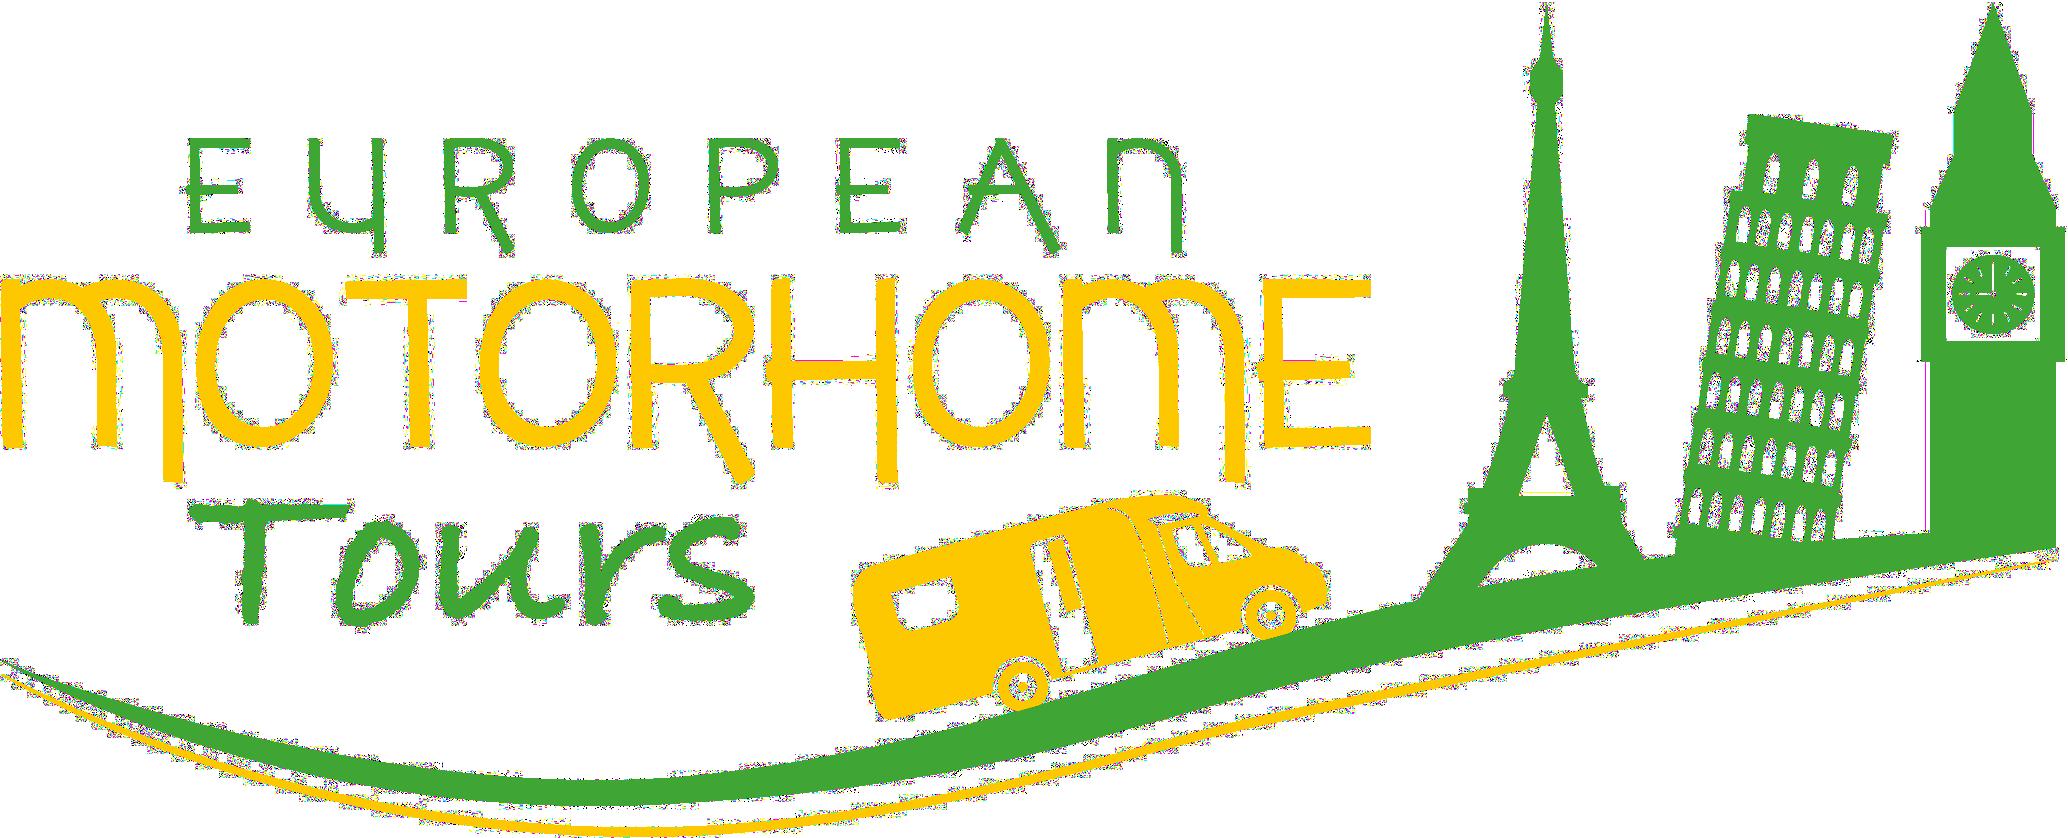 Welcome european motorhome tours. Europe clipart travel europe